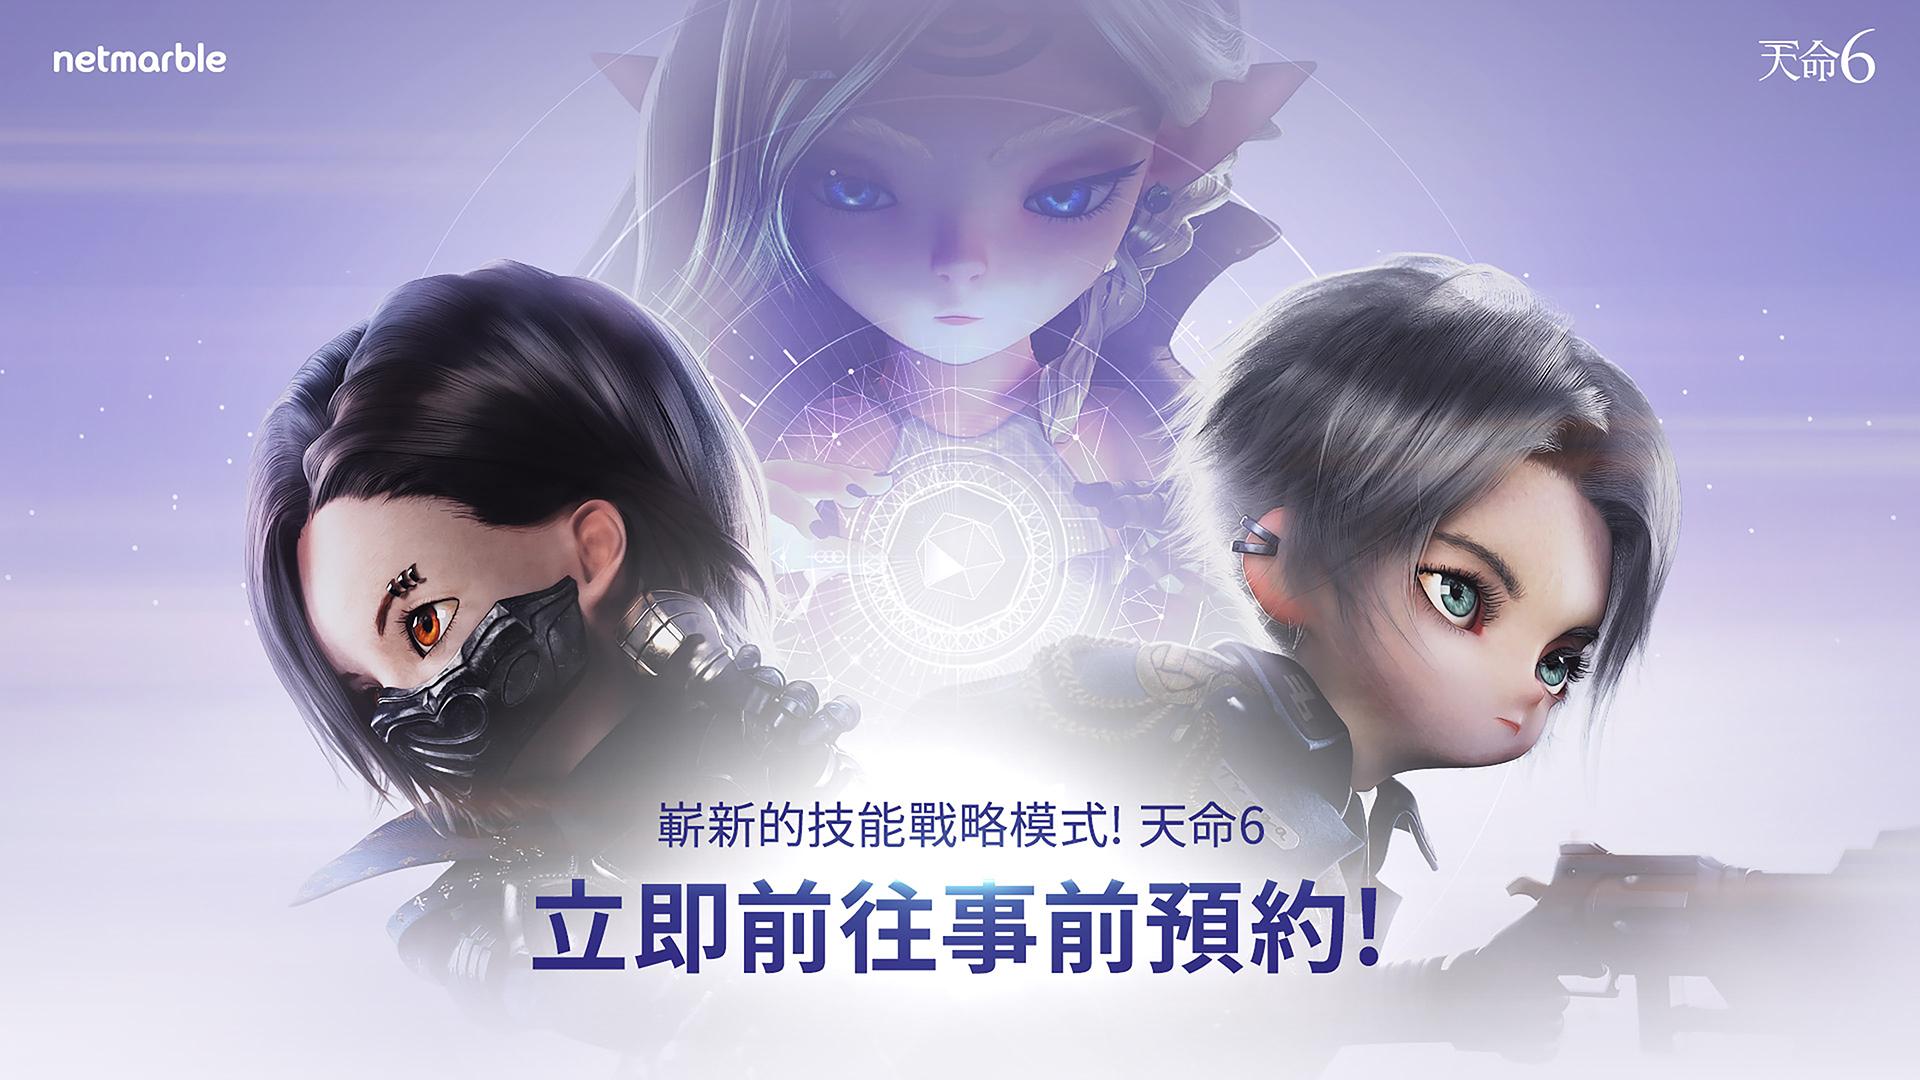 網石遊戲旗下全新RPG手遊《天命6》開放事前預約活動